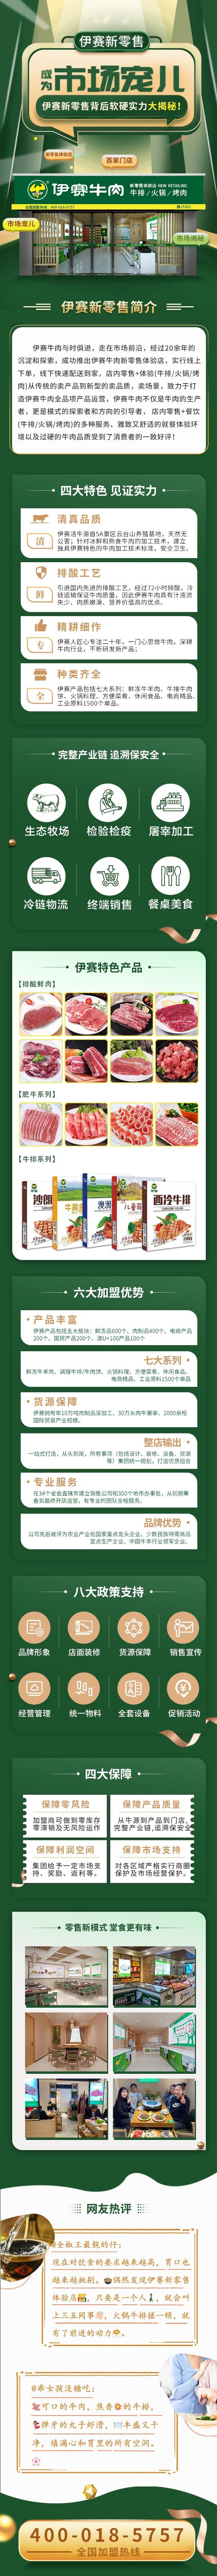 """伊赛牛肉新零售成""""市场宠儿"""",背后软硬实力大揭秘"""